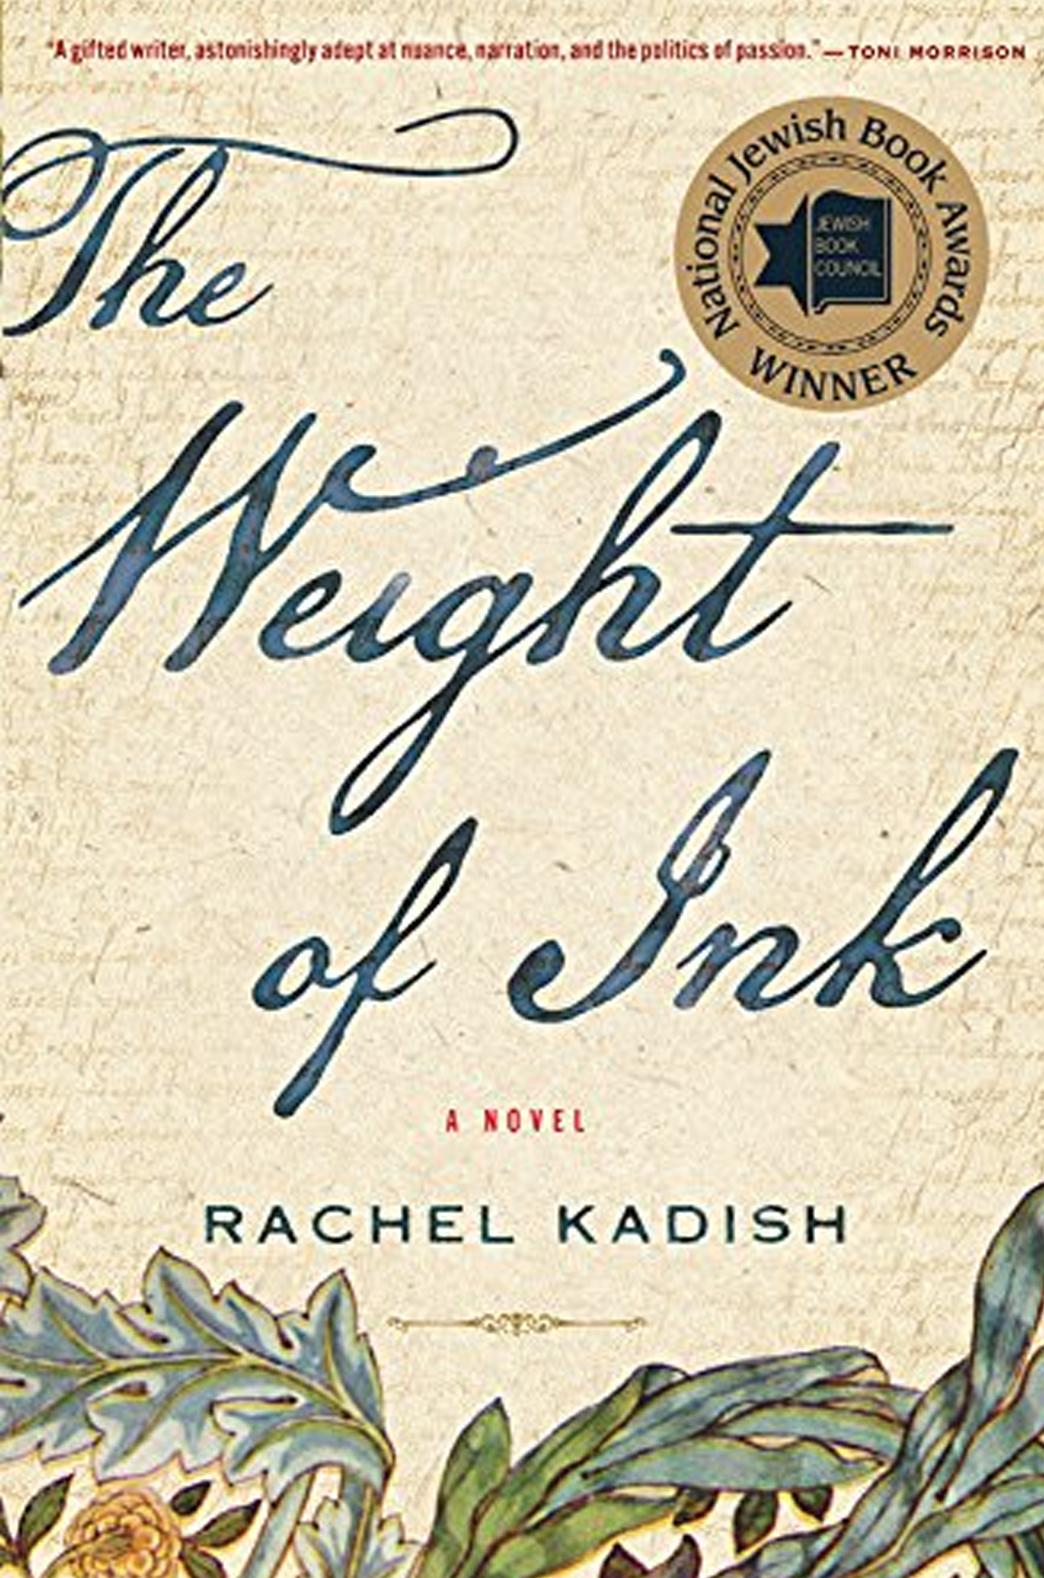 kathleen stone writer booklab literary salon the weight of ink rachel kadish